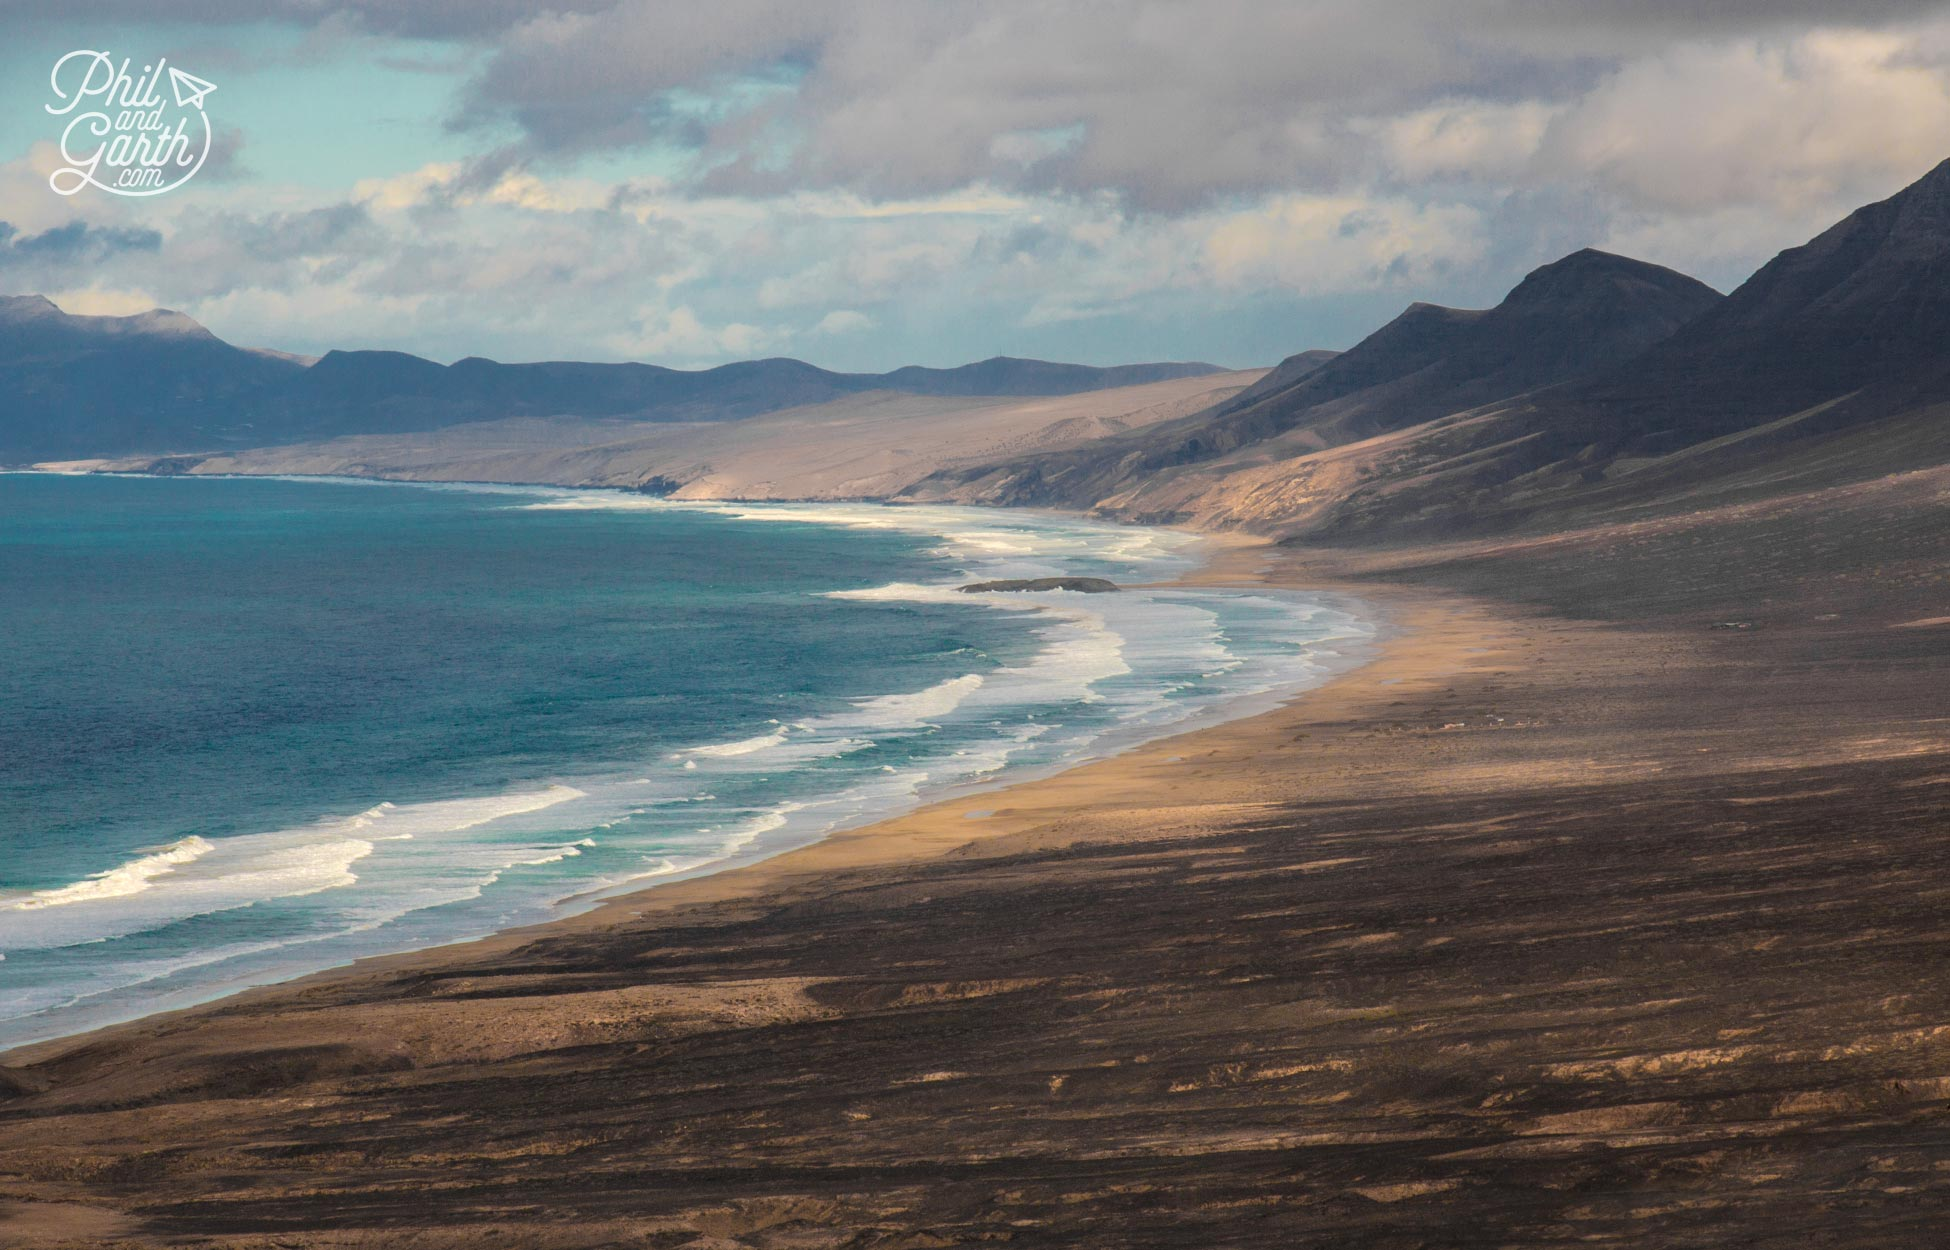 The wild and remote Cofete Beach